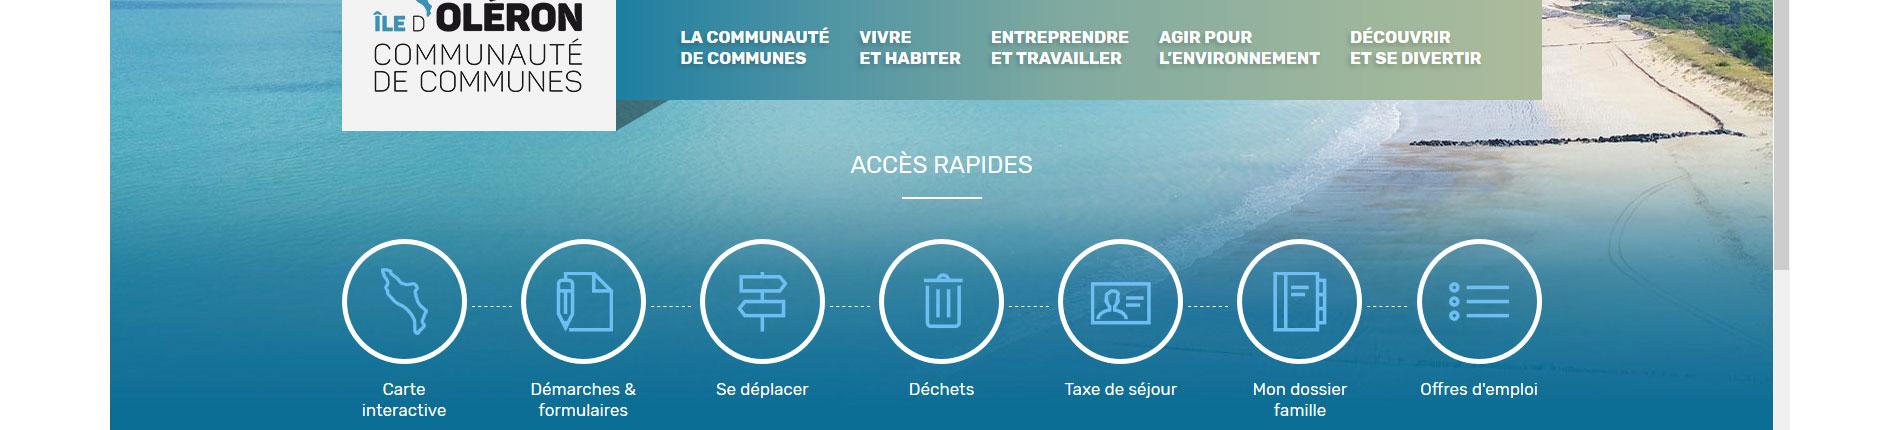 Site internet de la CDC île d'Oléron